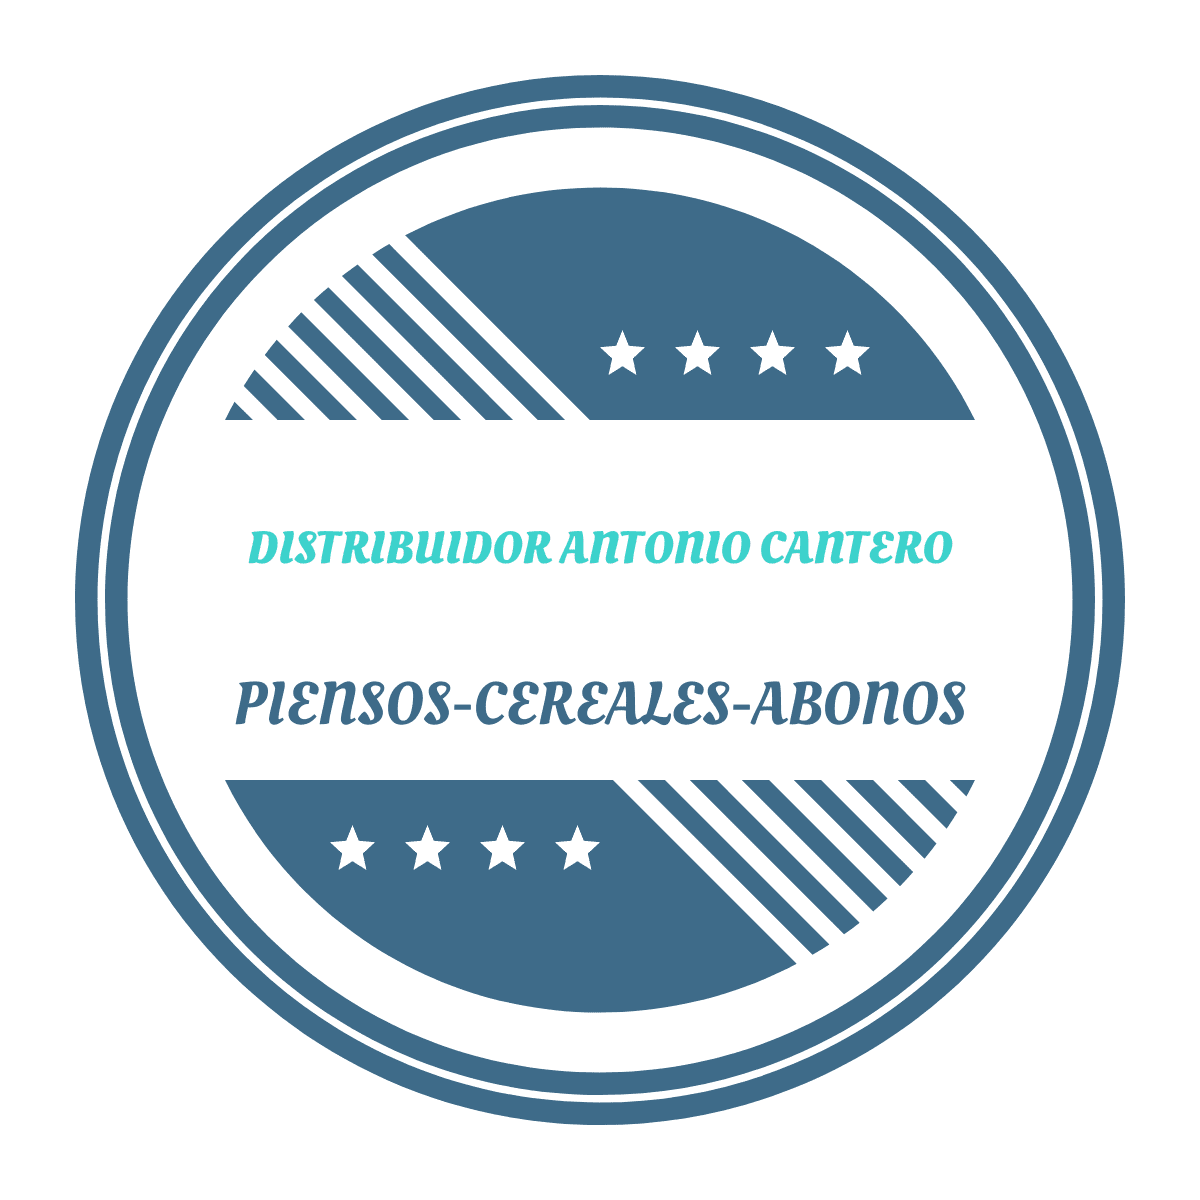 VENTA DISTRIBUCIÓN DE PIENSOS CEREALES ABONOS VALDEFUENTES ANTONIO CANTERO,